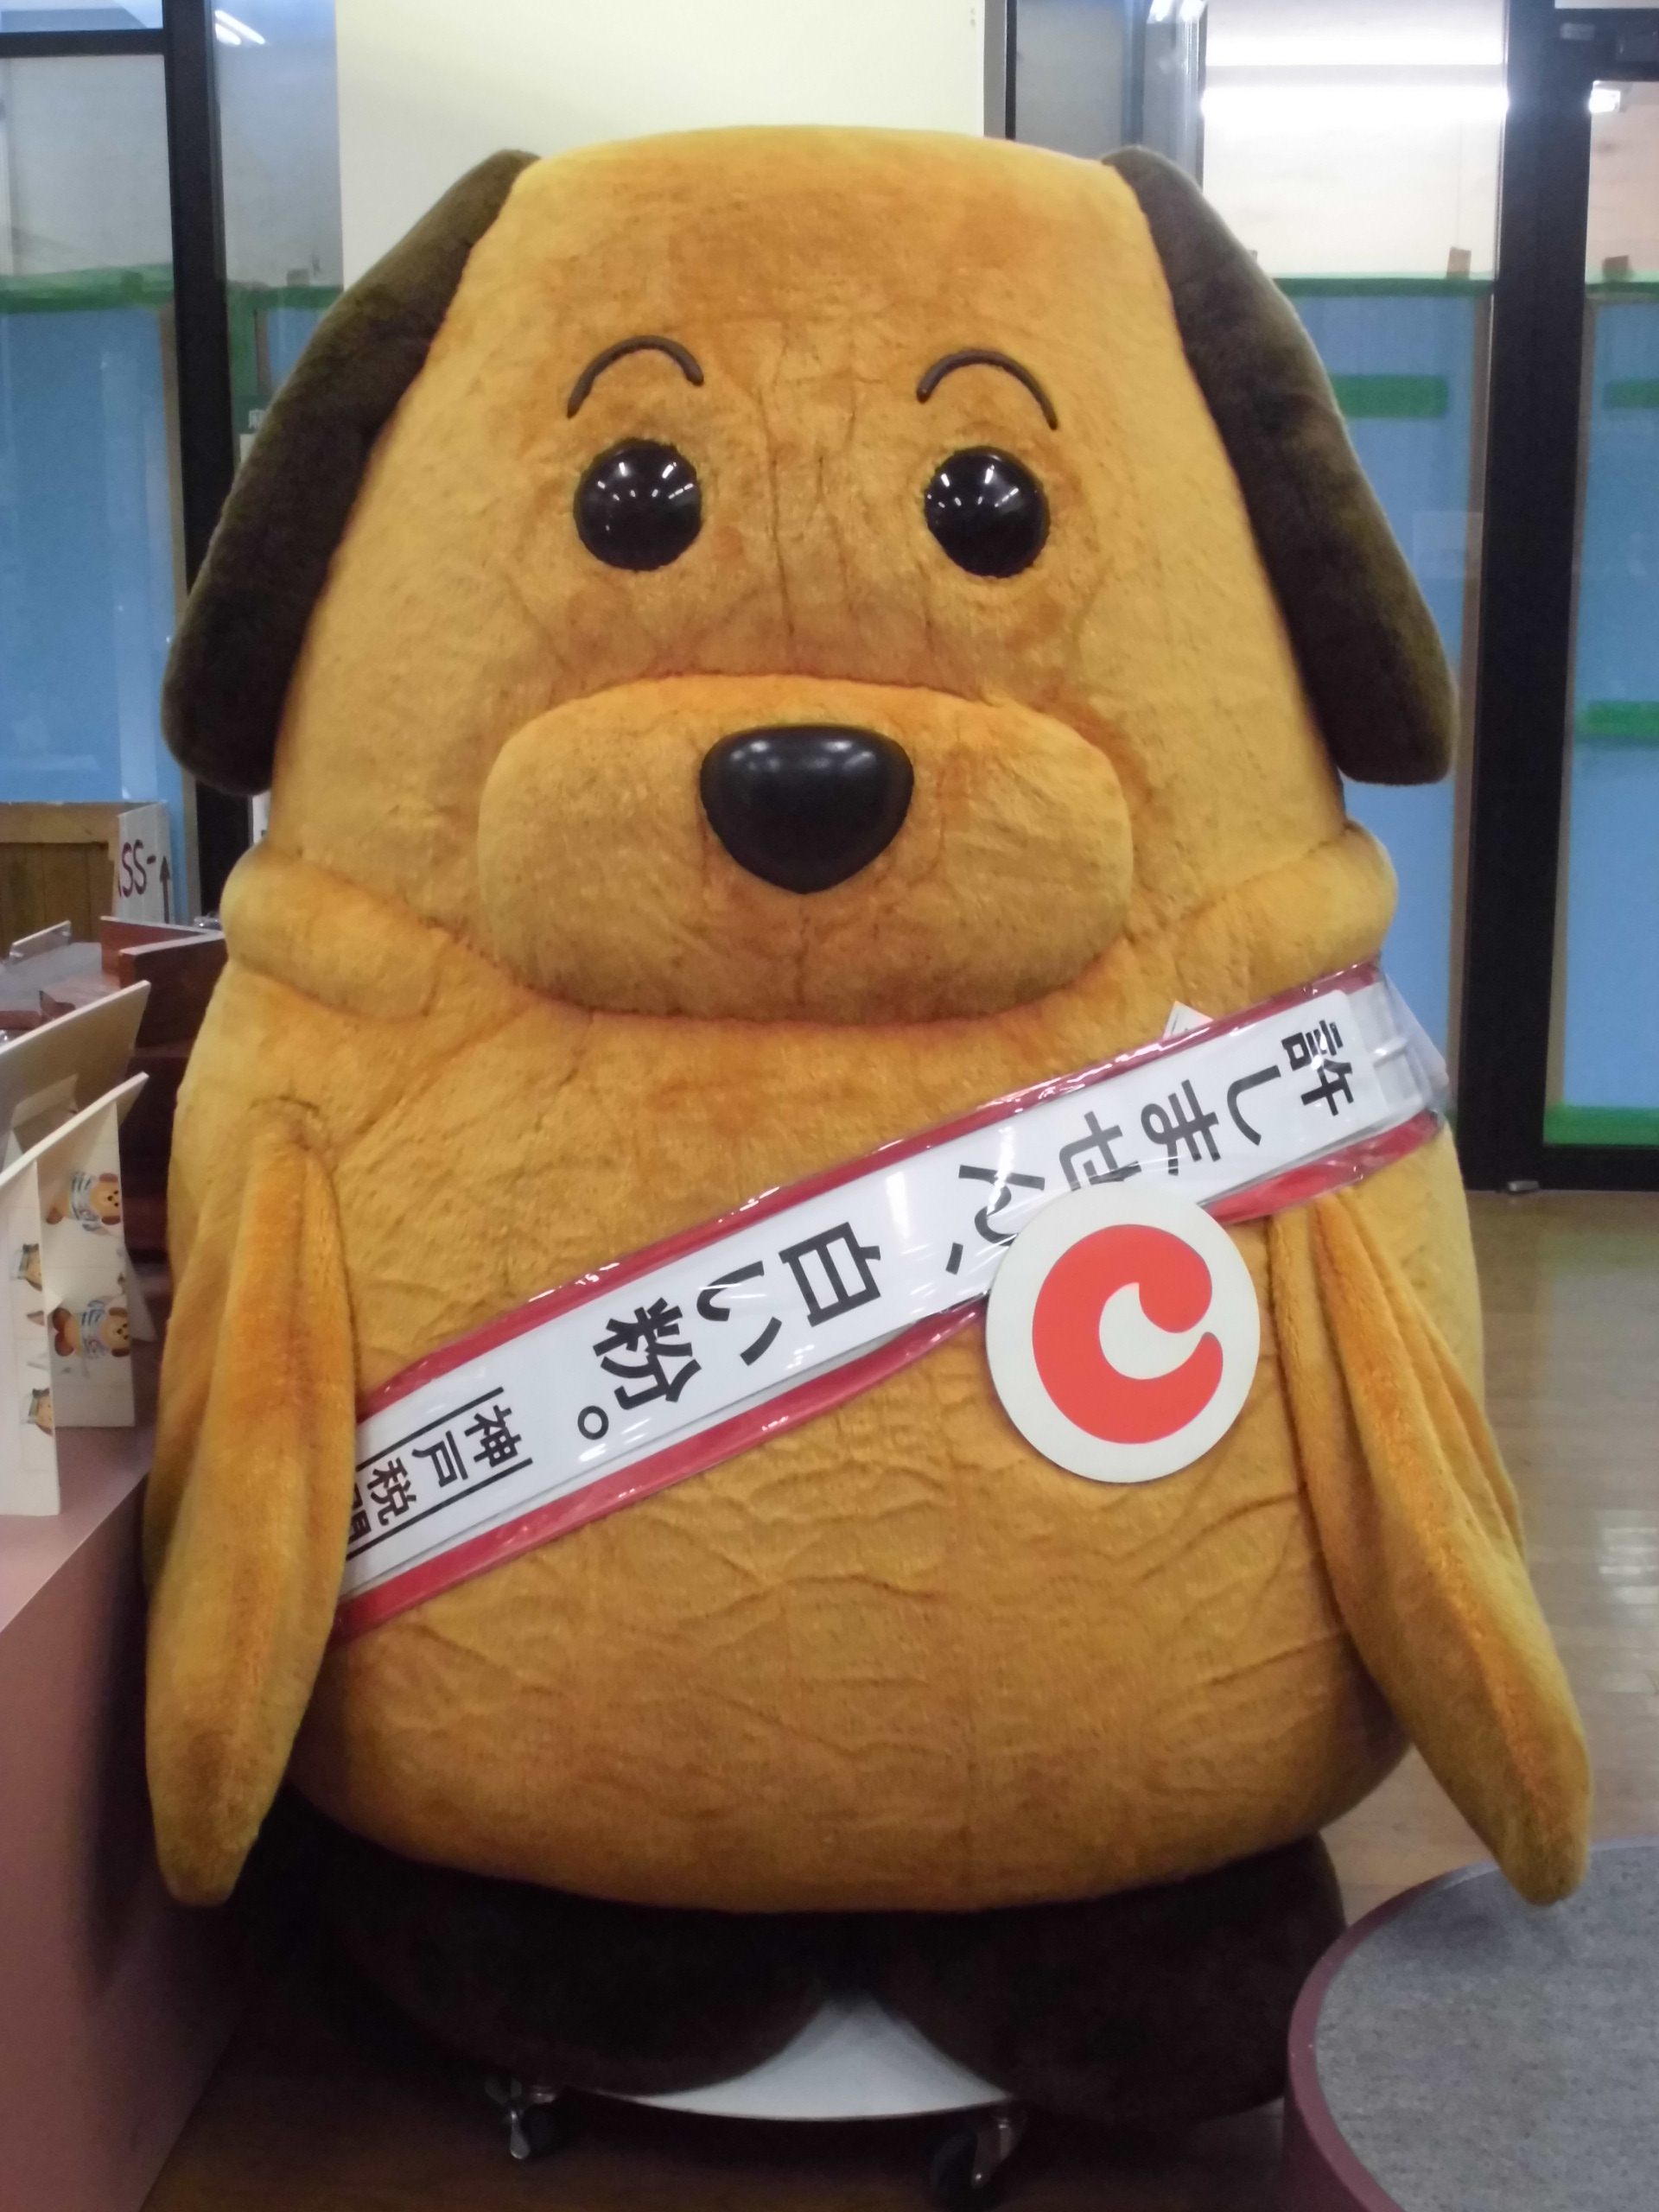 日本の秩序を守るため、華麗に働く正義の門番【神戸税関広報展示室に行ってきました。by-VEGETAPSY】